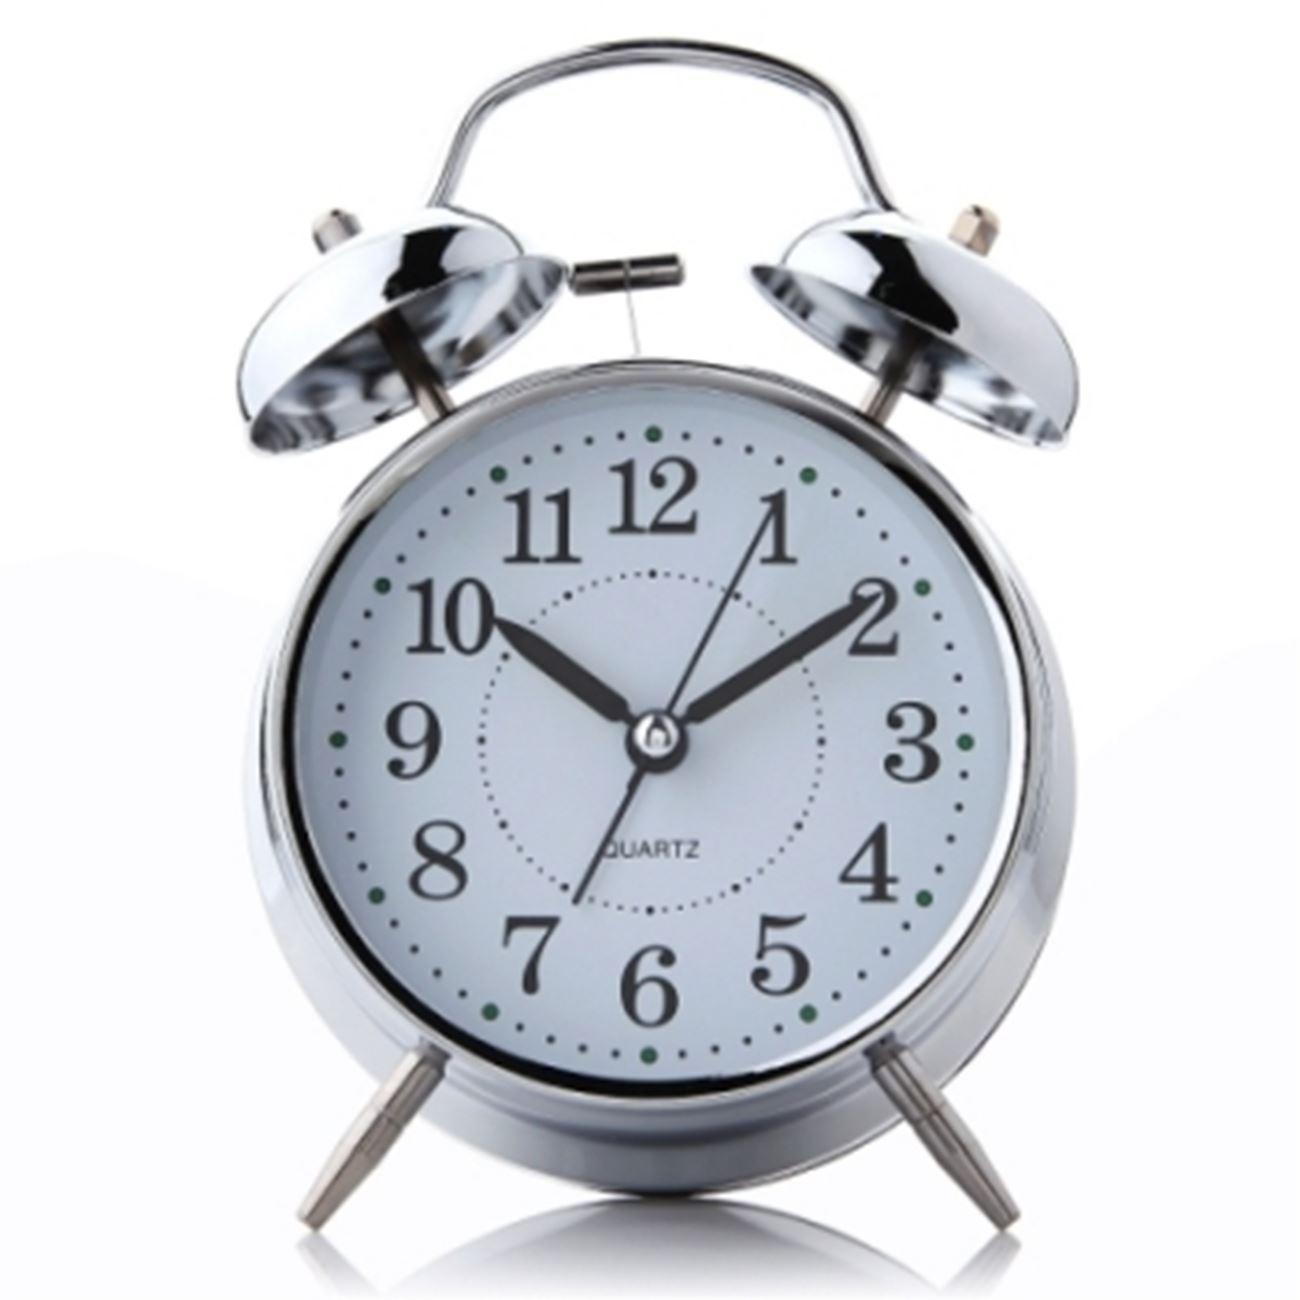 Ξυπνητήρι επιτραπέζιο κουρδιστό αντίκα με μηχανικό κουδούνισμα   Ρολόγια  επιτραπέζια  619b3653bf7